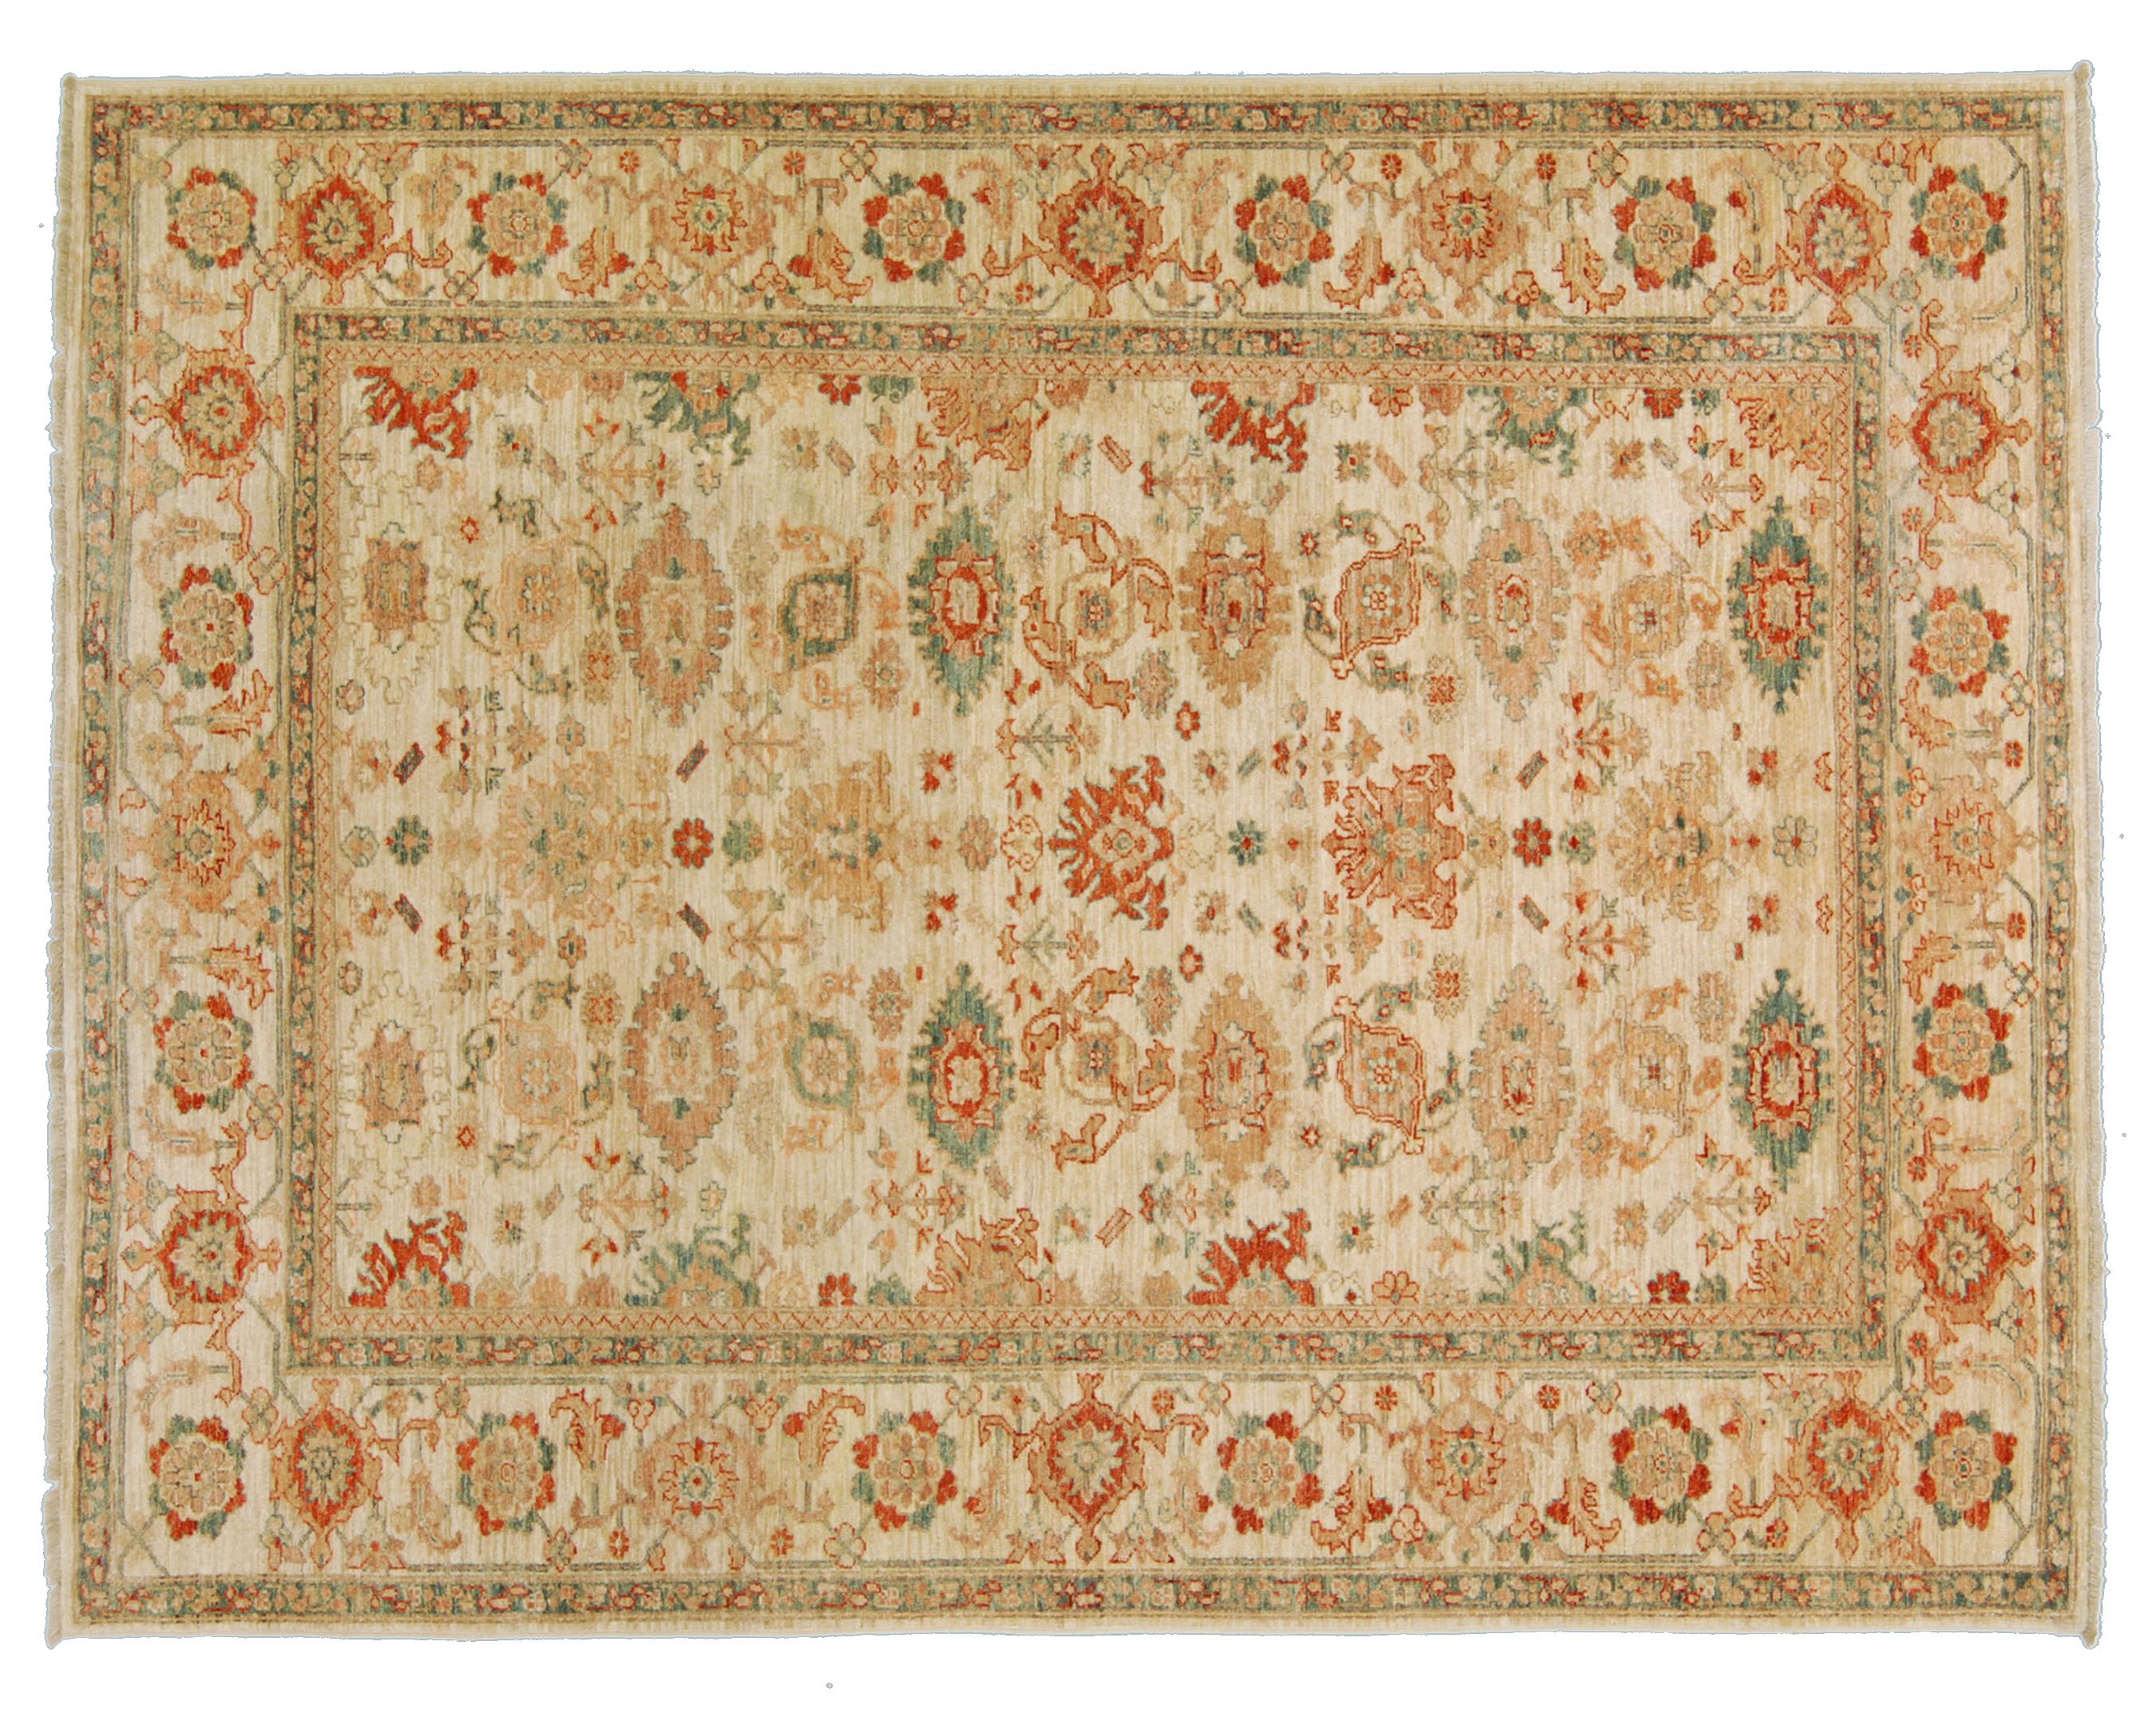 Classico contemporaneo tappeto peshawar morandi tappeti - Tappeti classici ...